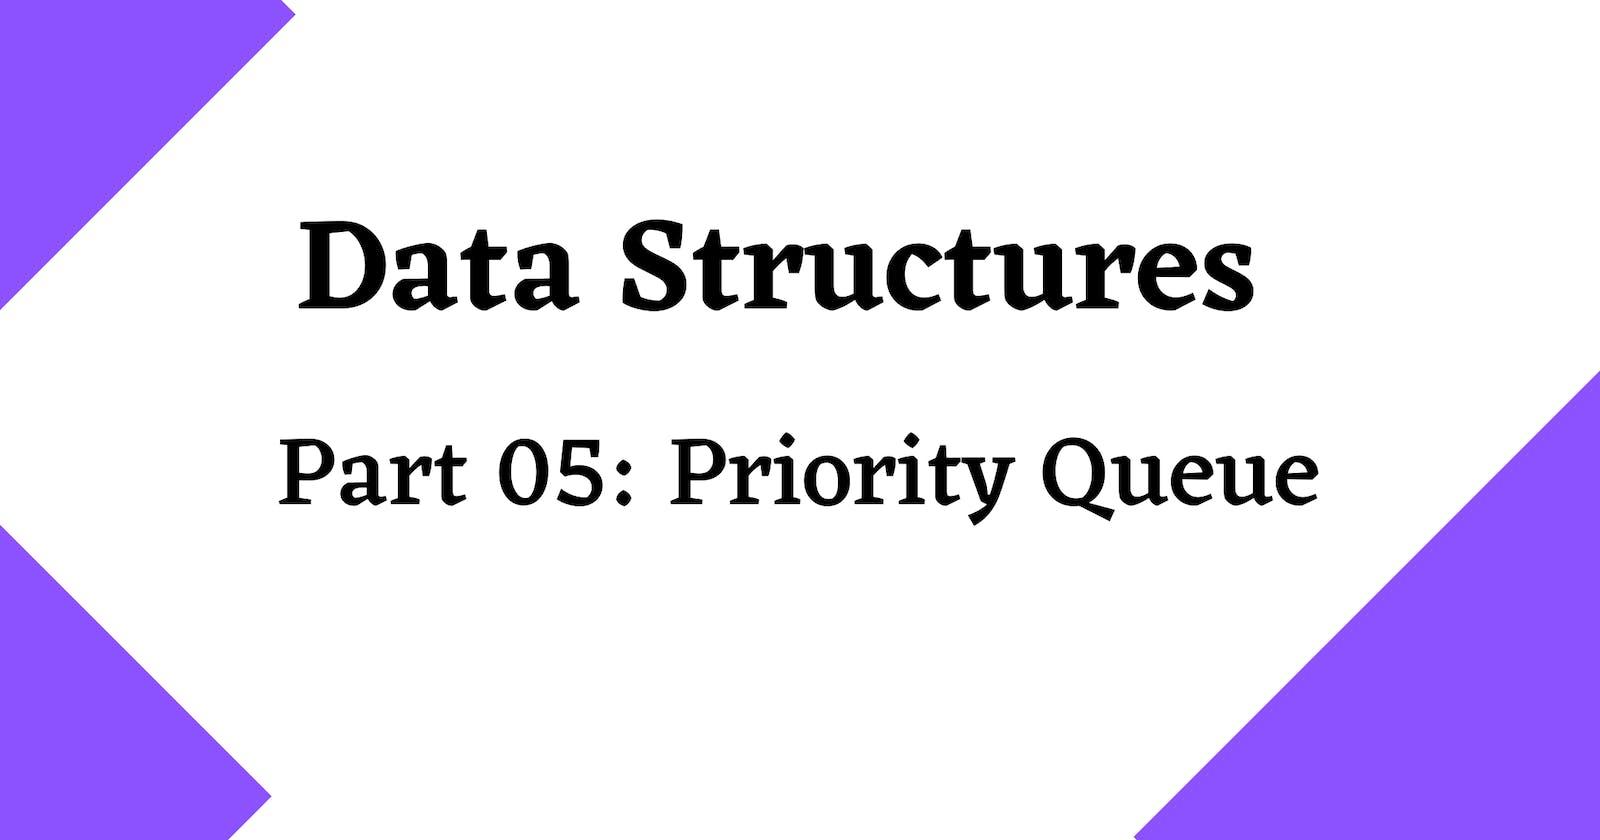 Data structures 101 🏻 : Priority Queue